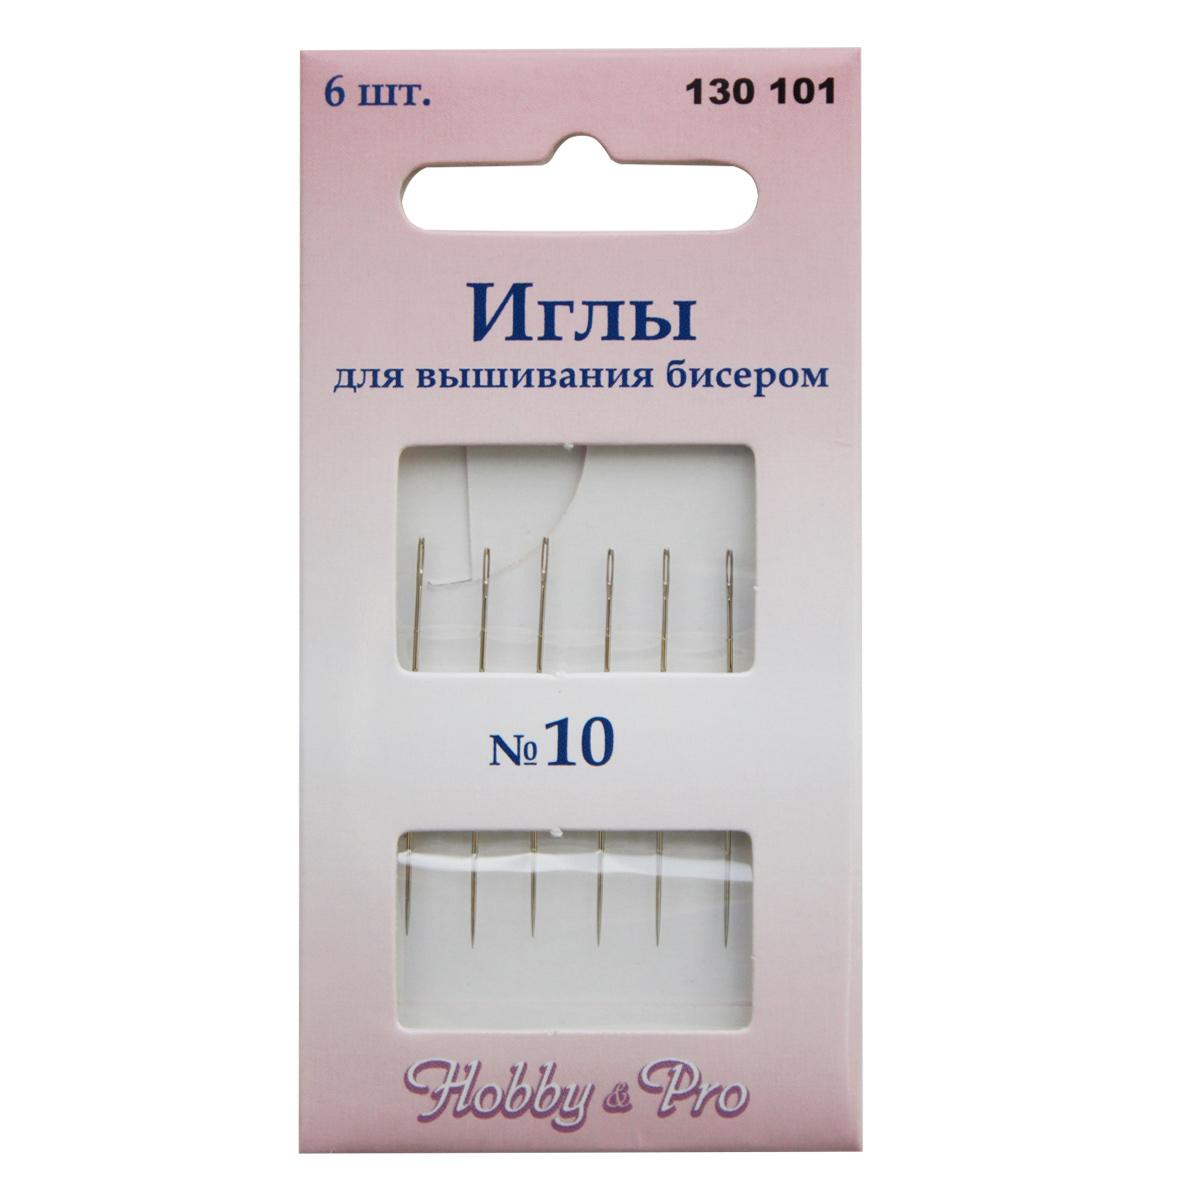 Иглы ручные для бисера №10, 6шт. 130101, Hobby&Pro